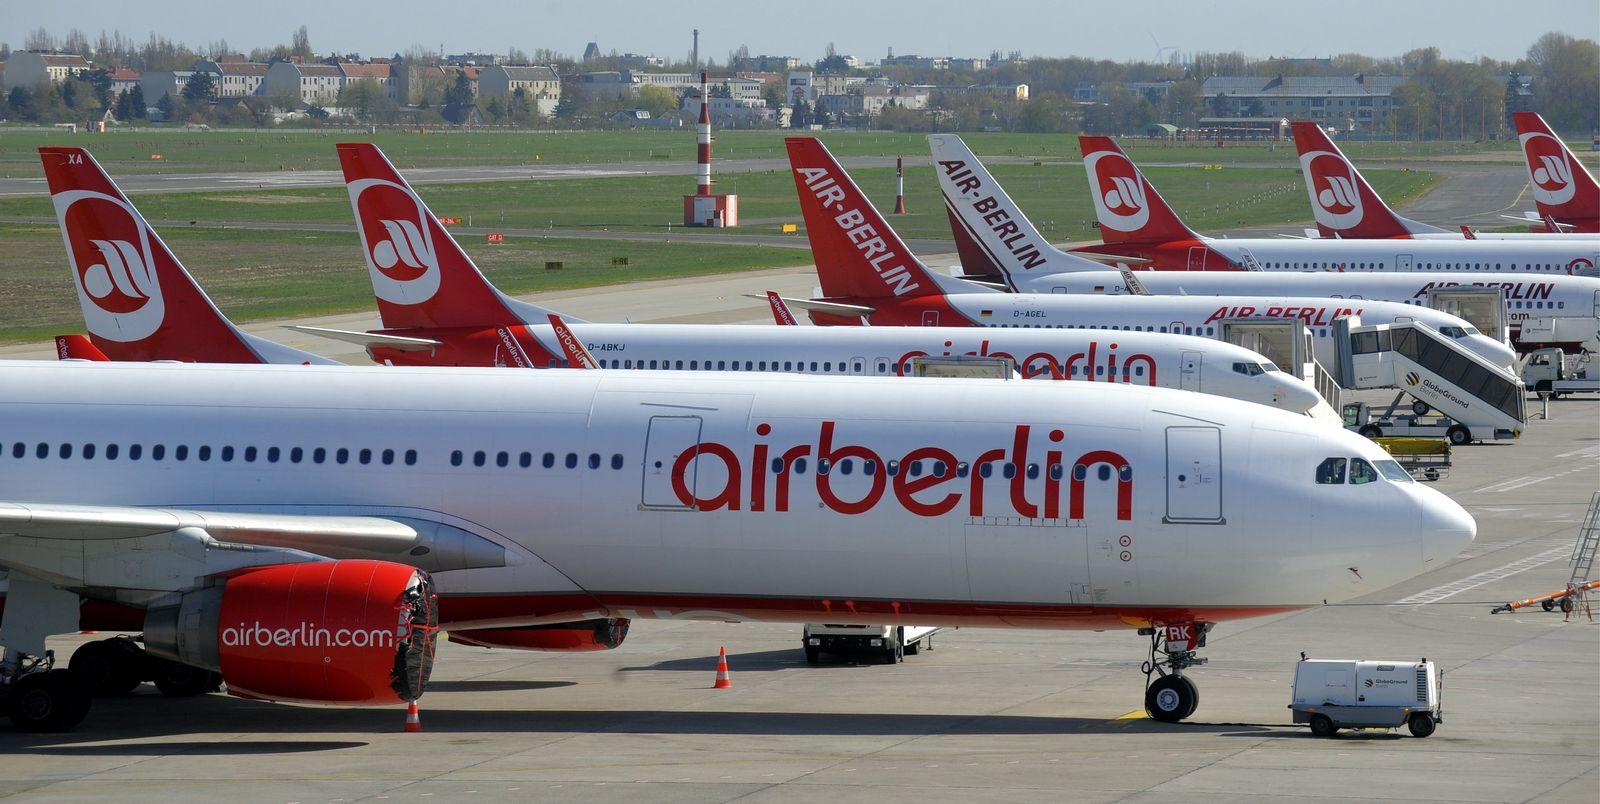 NICHT VERWENDEN Air Berlin / Flugverkehr